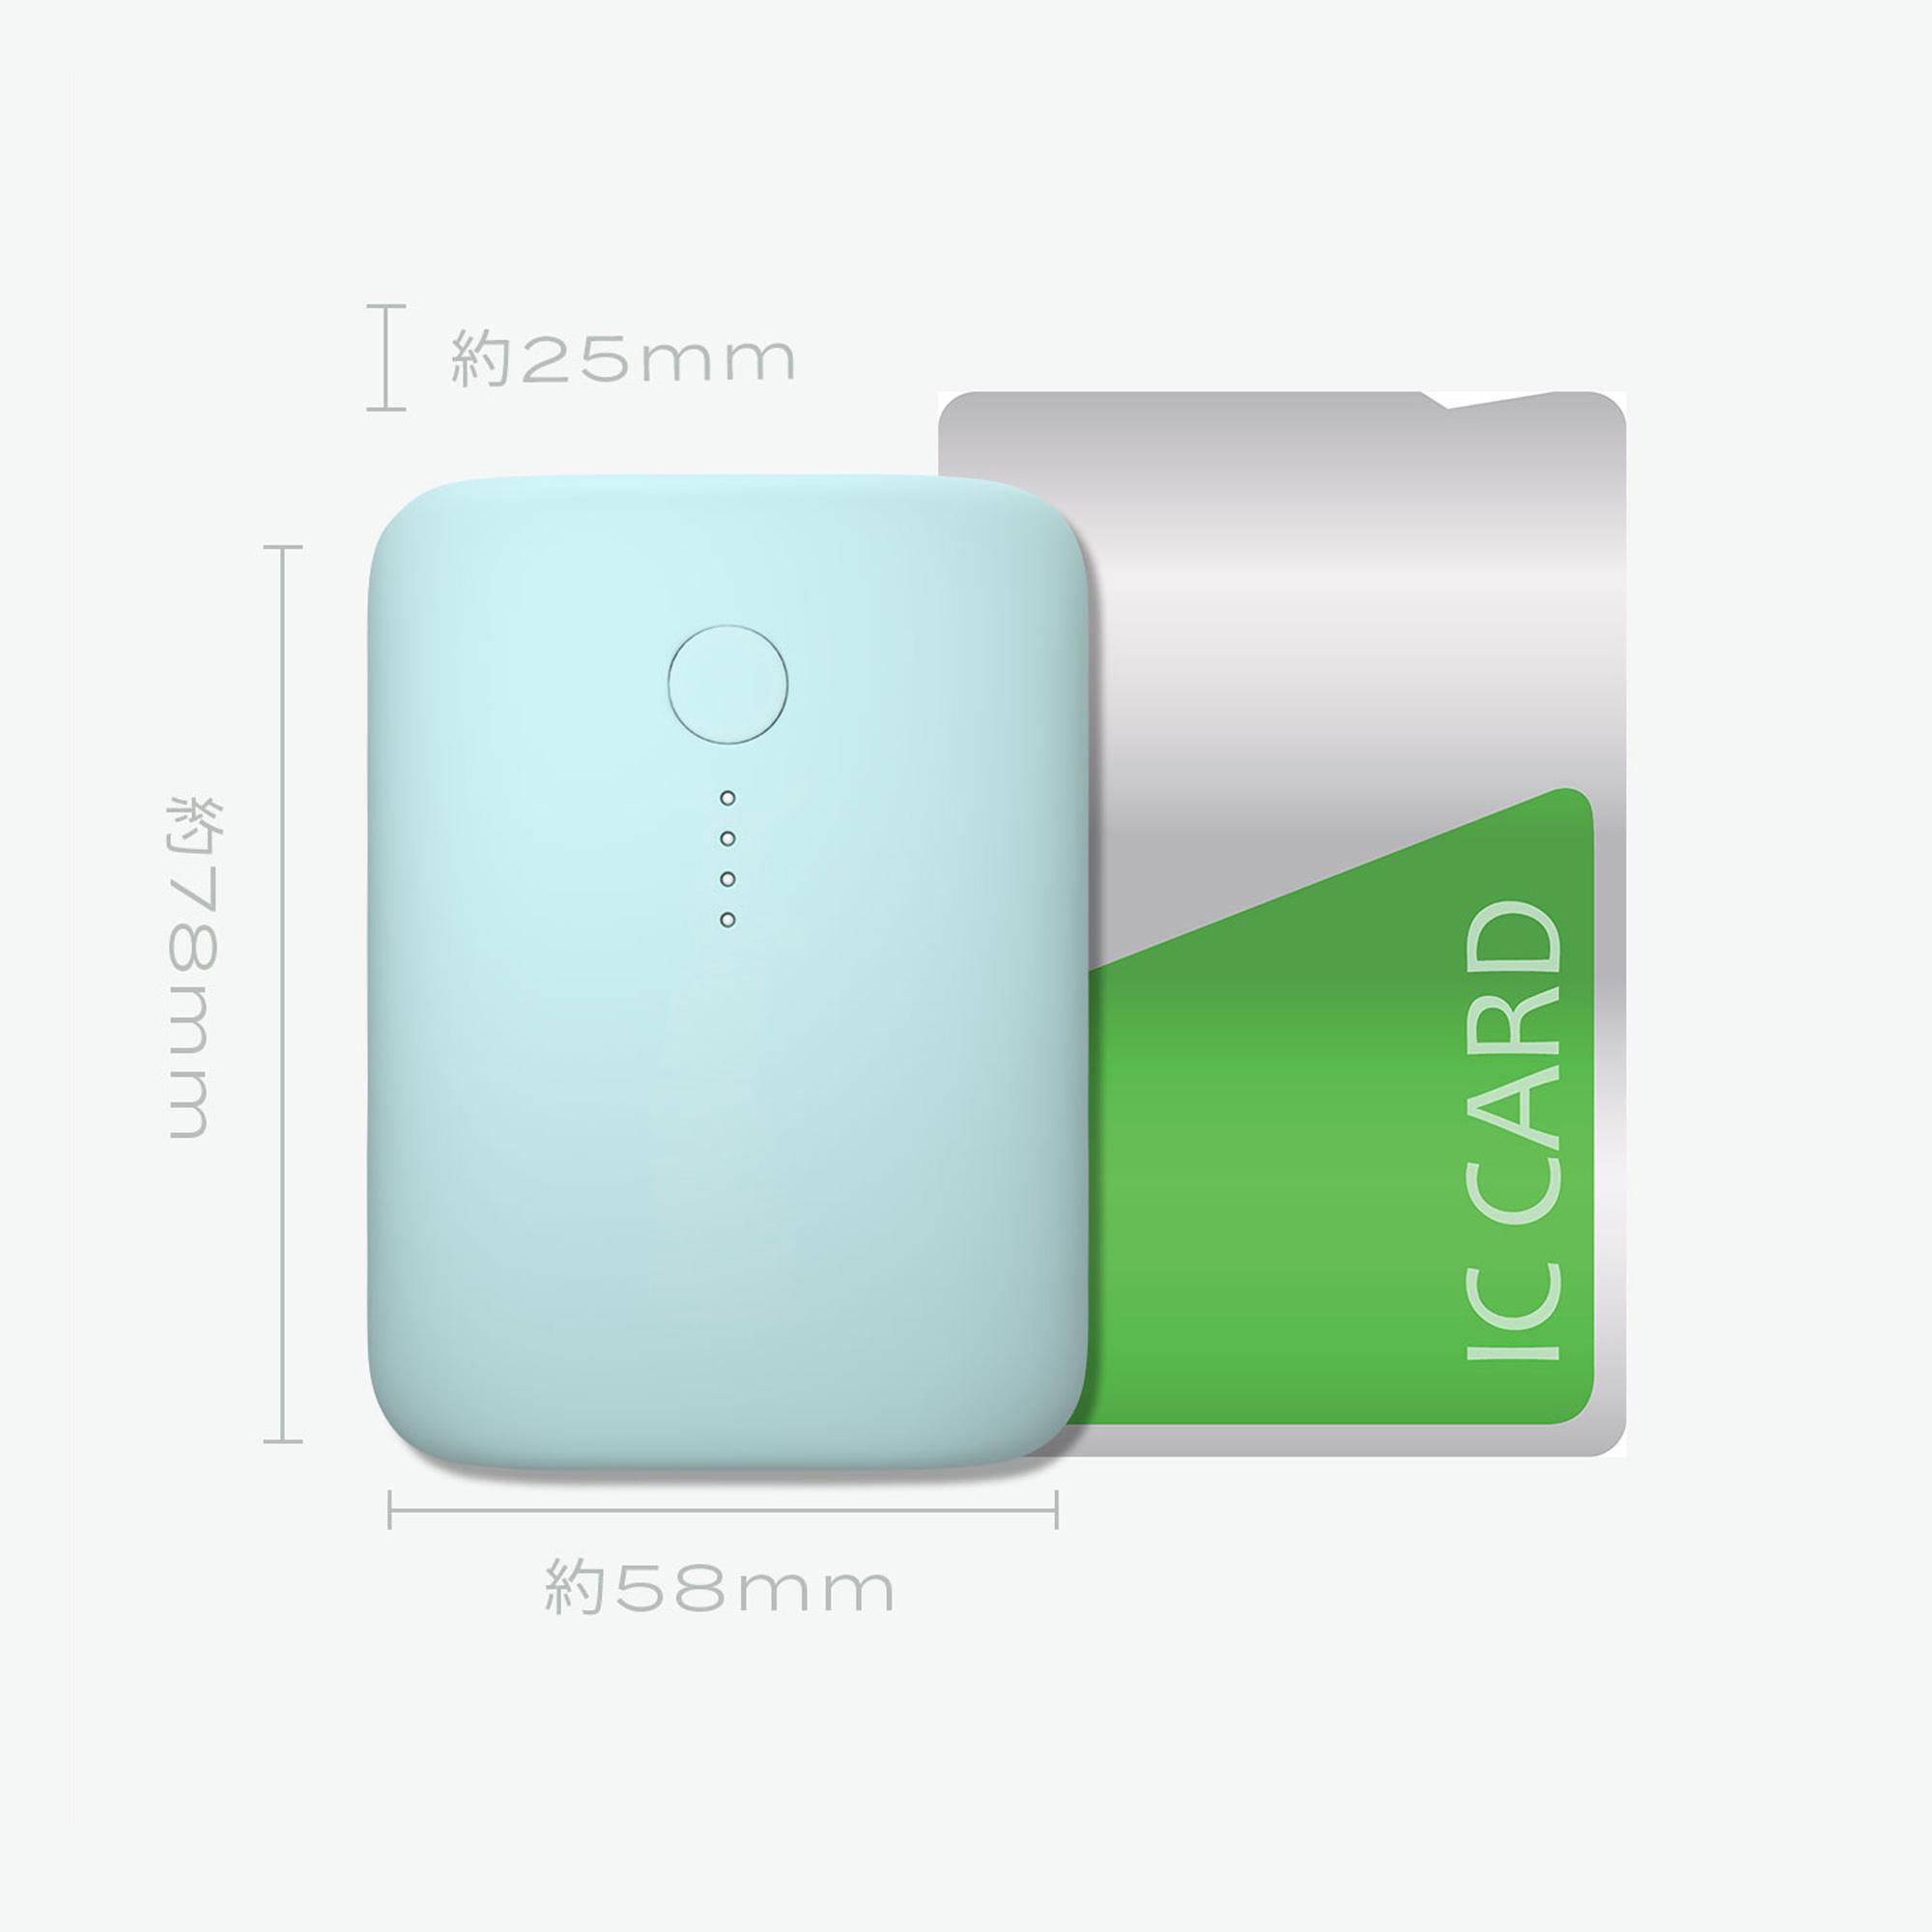 重さわずか175g 国内最小最軽量10,000mAhモバイルバッテリー